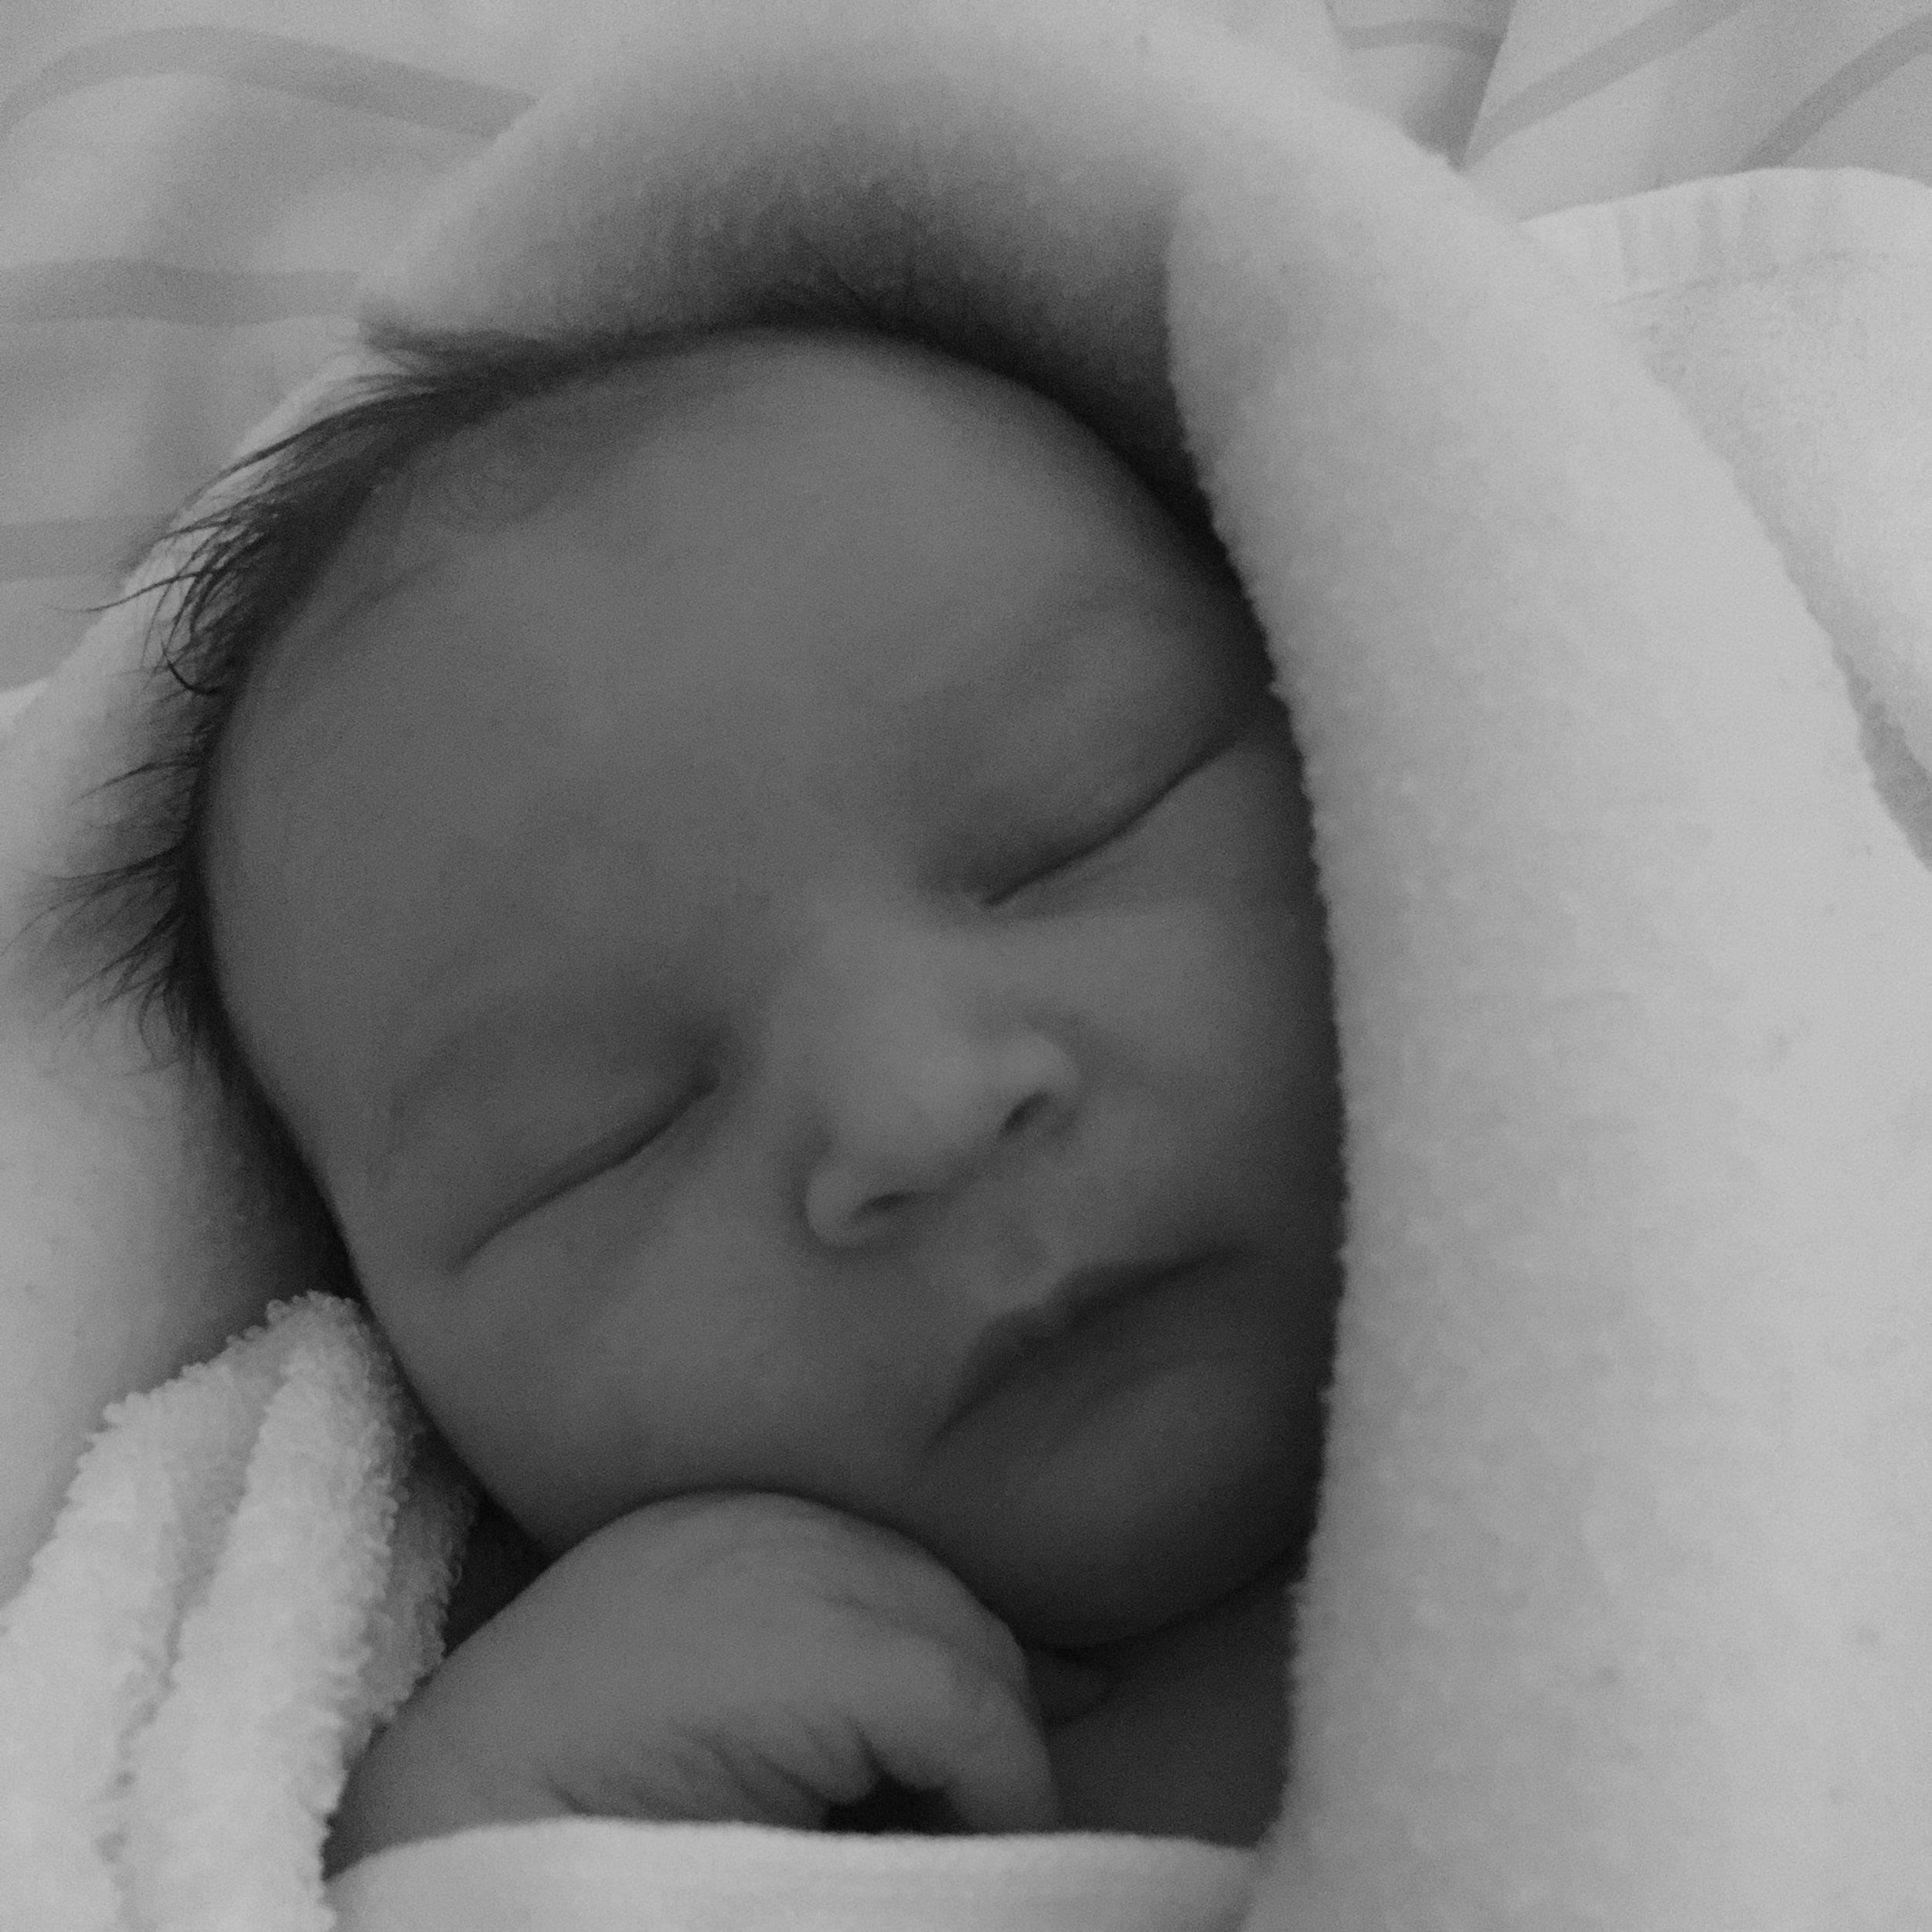 newborn_bw.jpg